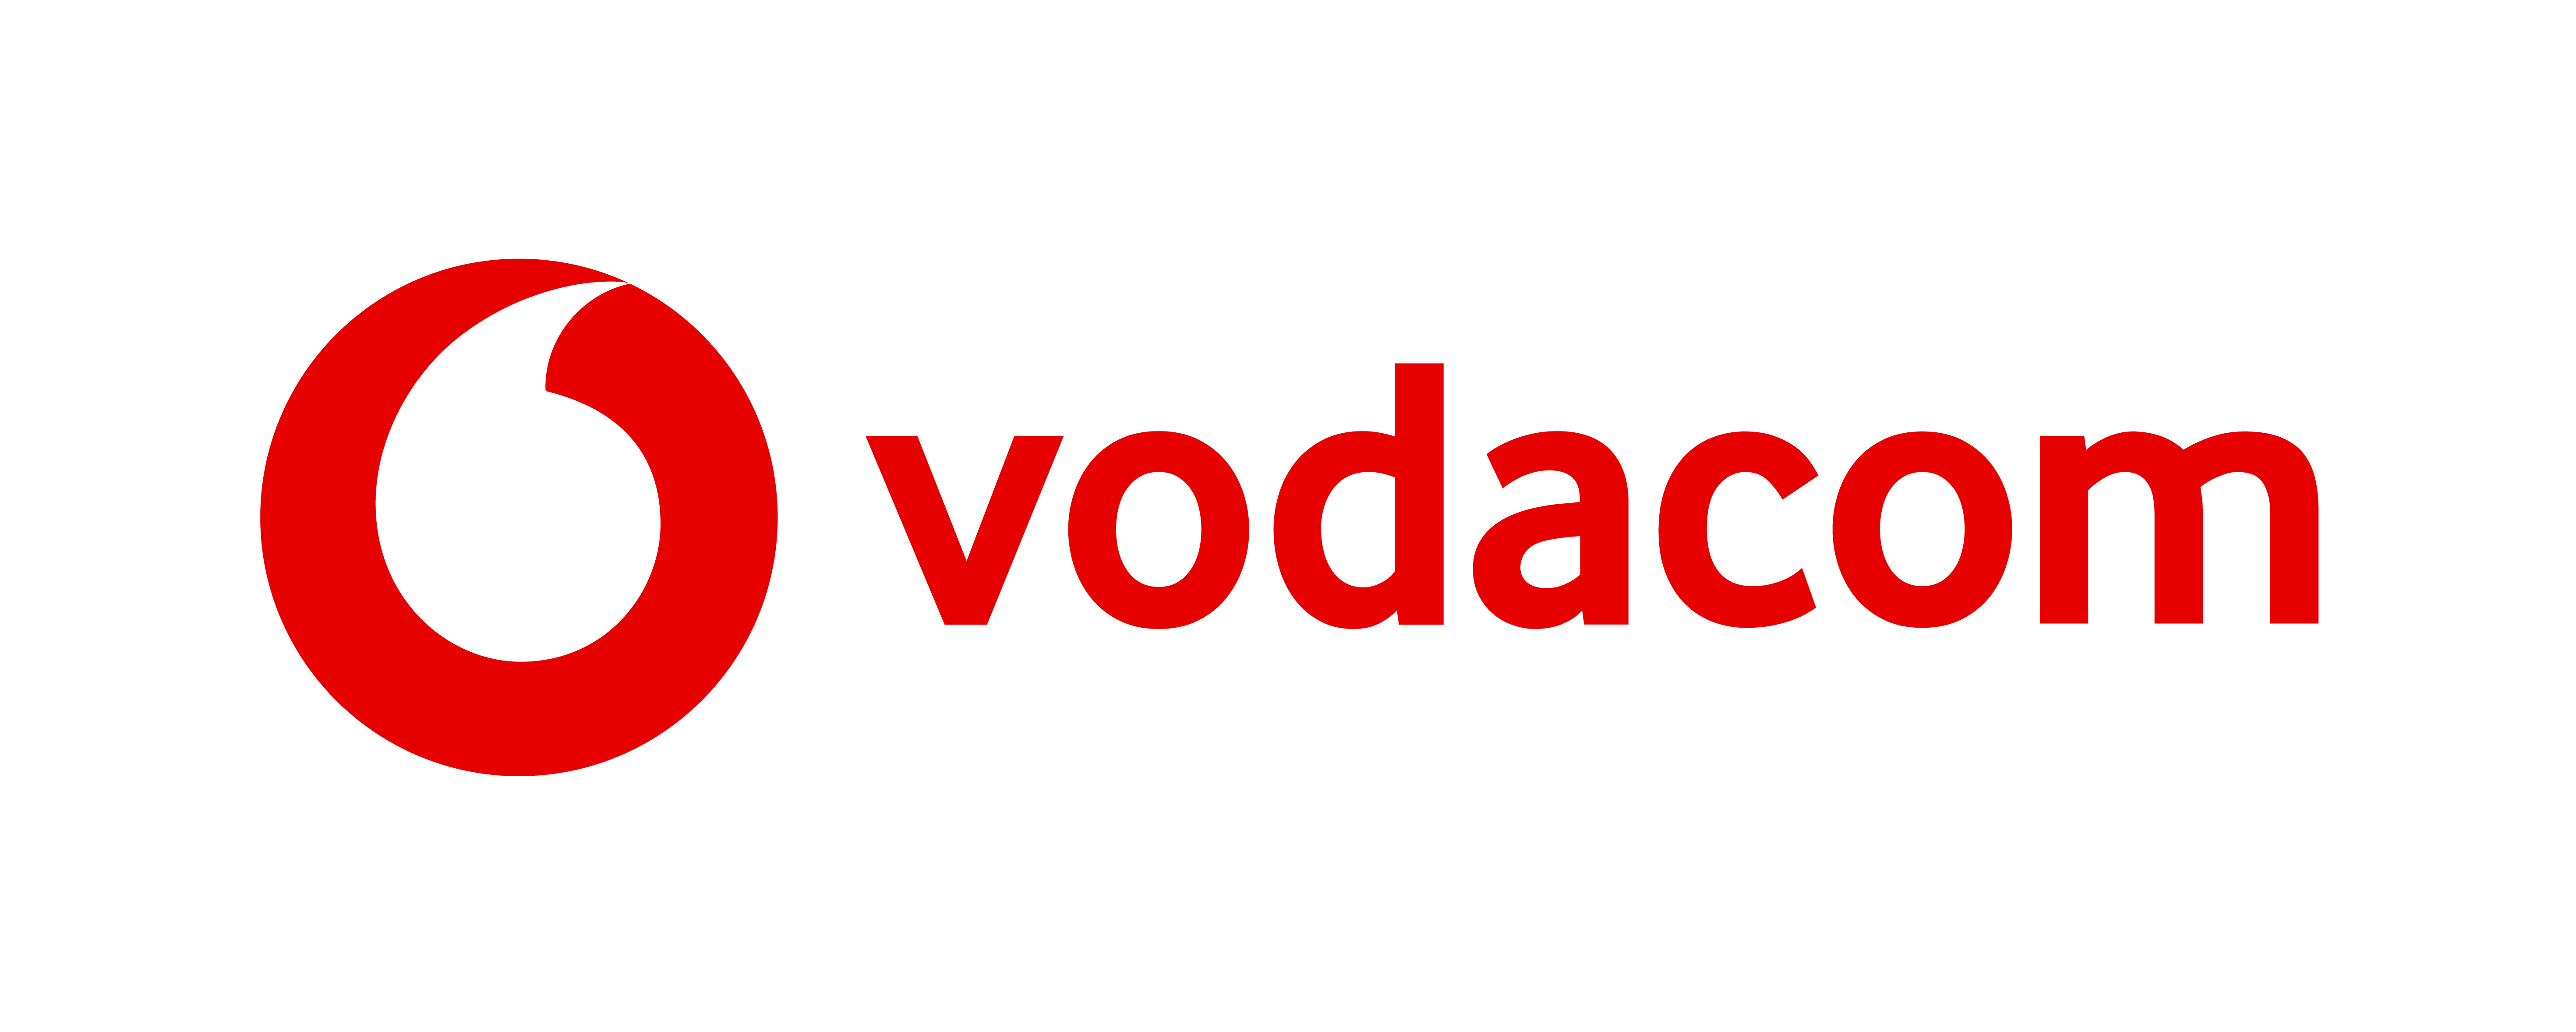 Vodacom Fibre 10/10Mbps  Uncapped